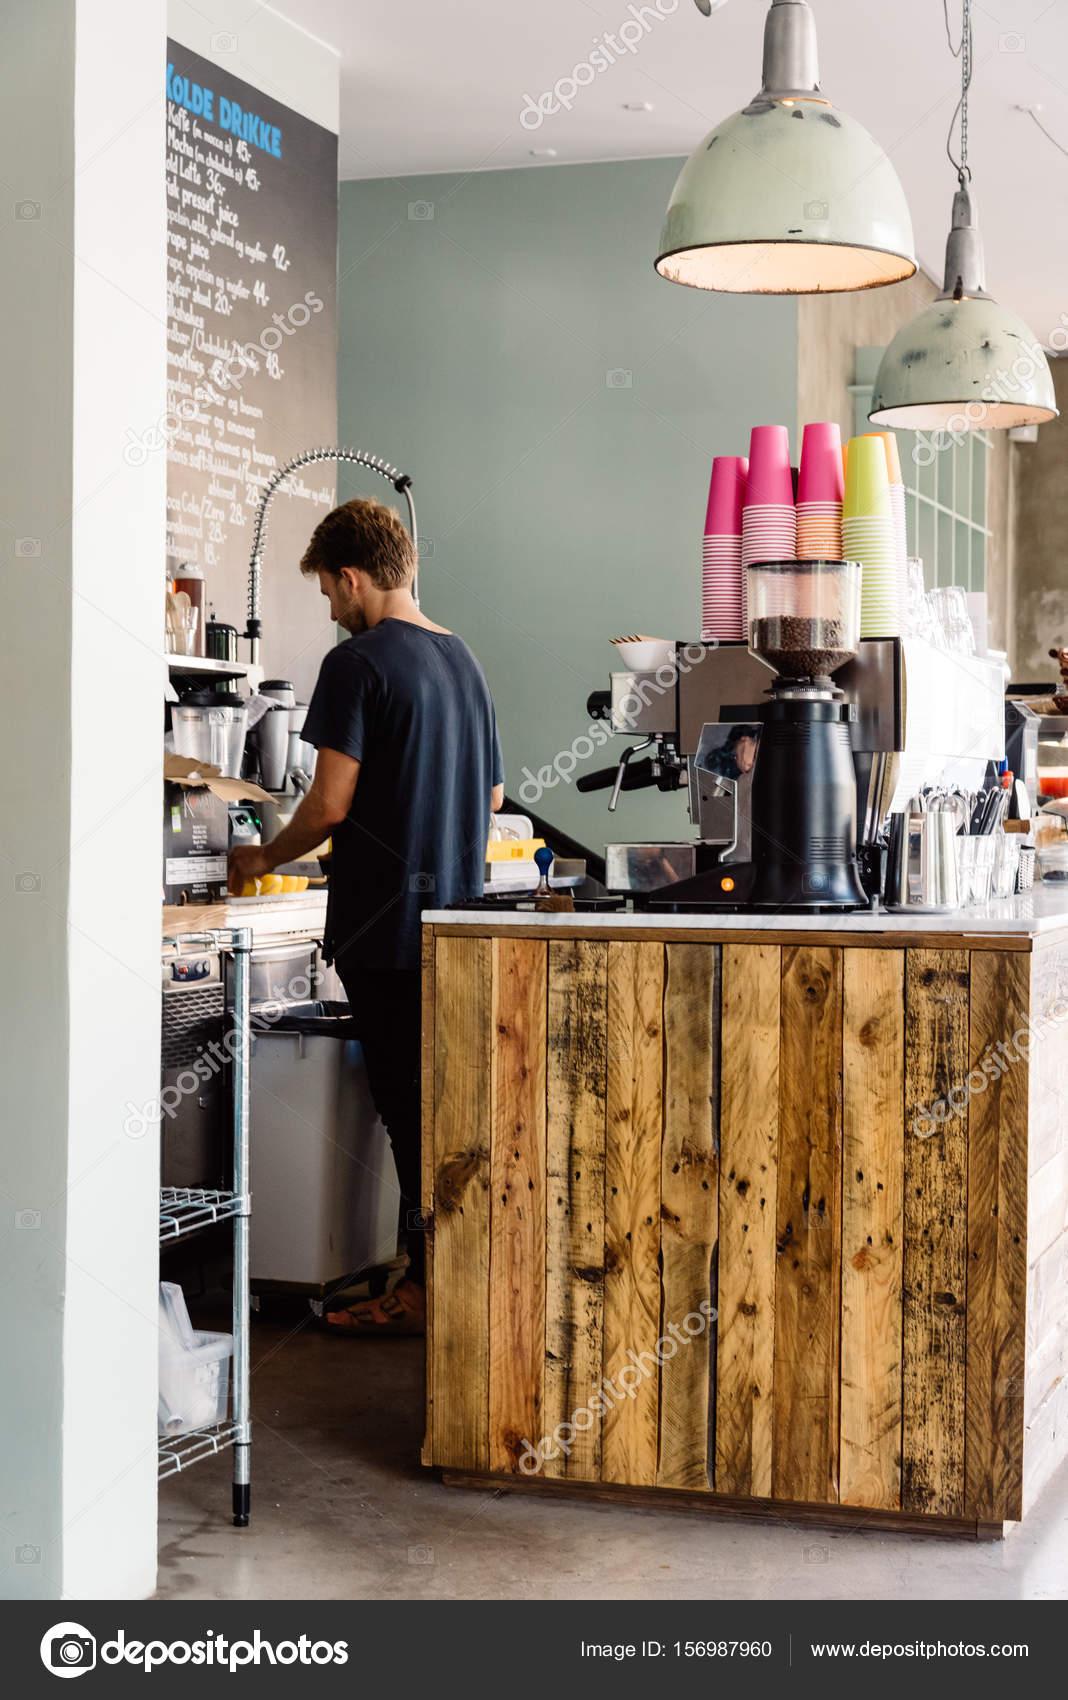 249c4913841f Člověk pracující v bederní pohledu kavárně otevřené pro den s retro  designem s barevné kelímky a kávovar na dřevěné počítadlo — Fotografie od  ...